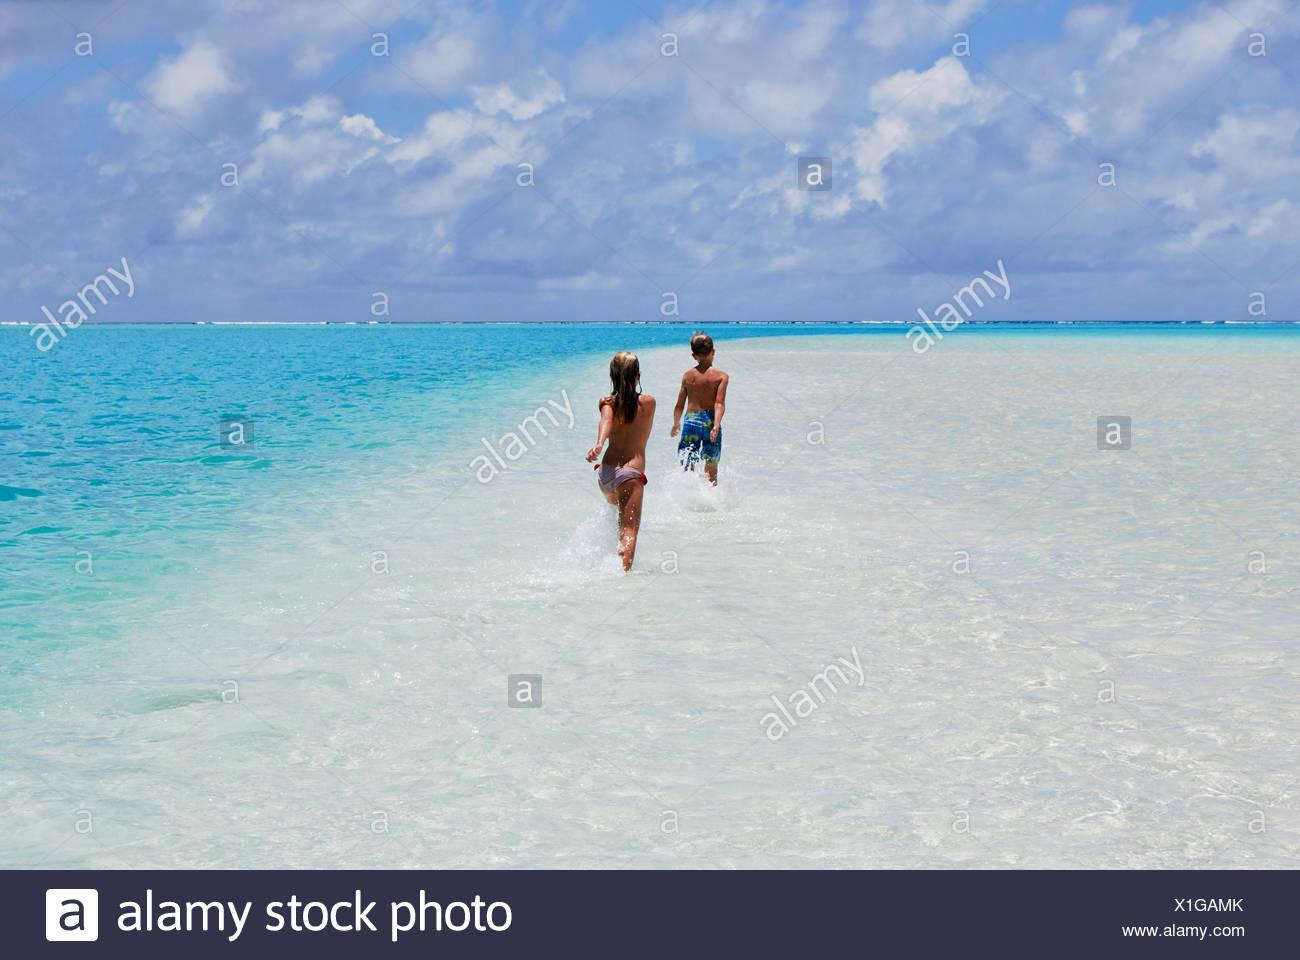 Two children running on sandbar in ocean, Aitutaki, Cook Islands - Stock Image